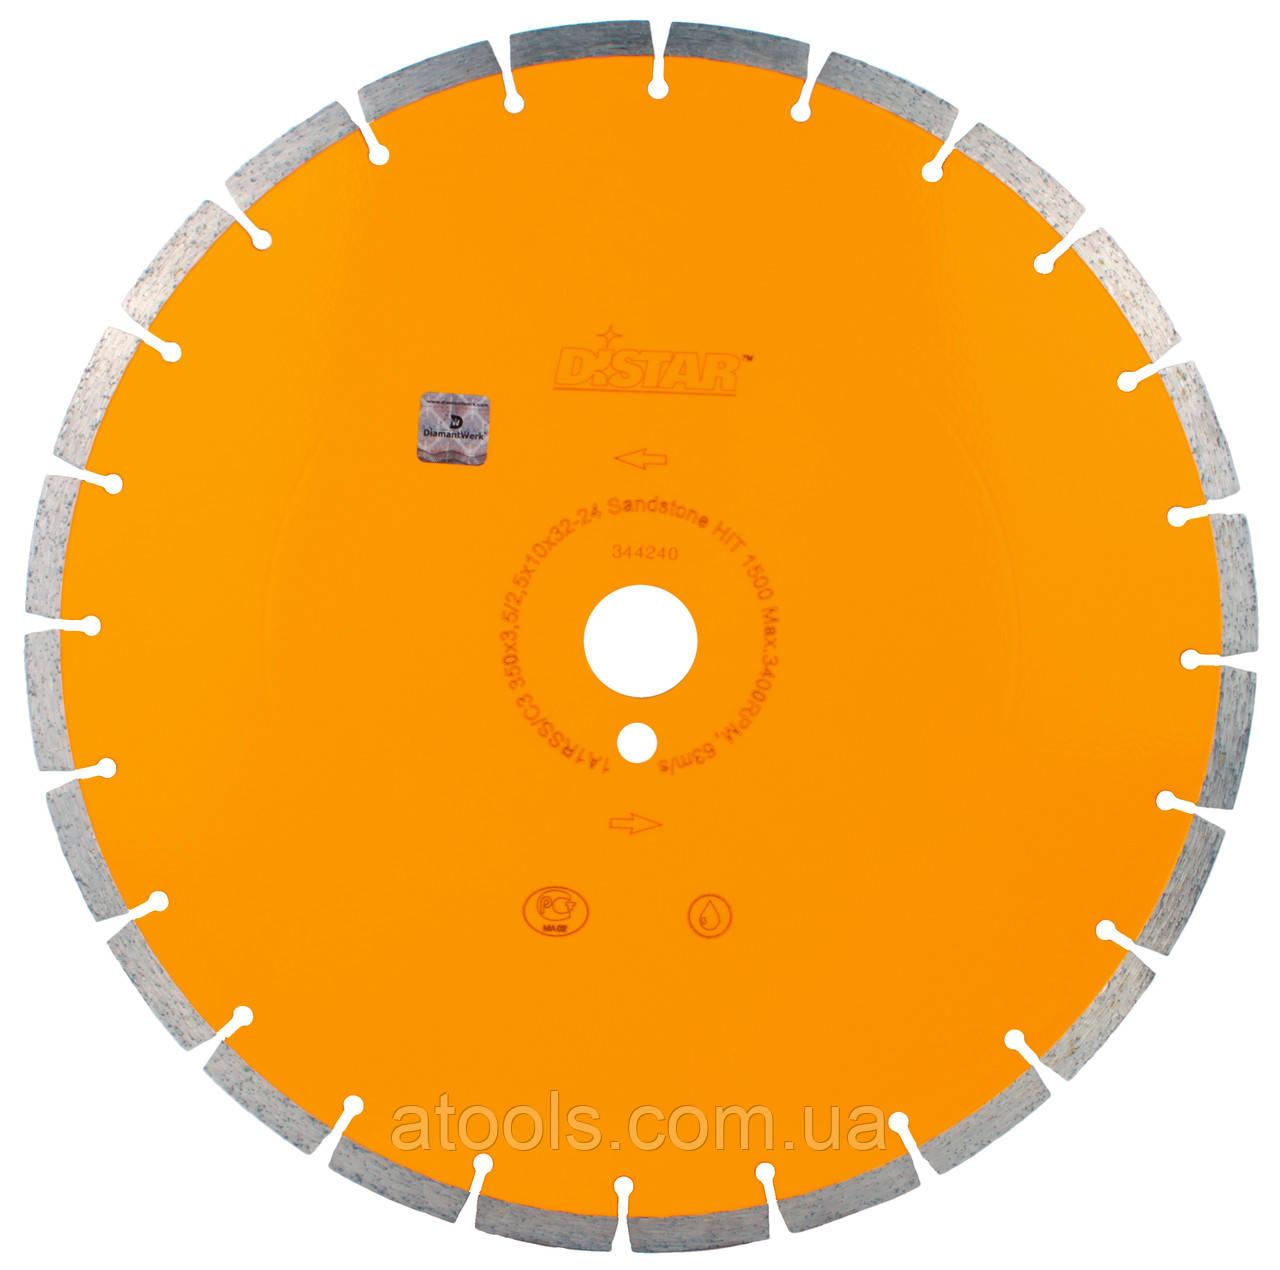 Алмазный отрезной диск Distar 1A1RSS/C3 500x3.8/2.8x15x32-36 Sandstone HIT 1500 (14327139031)